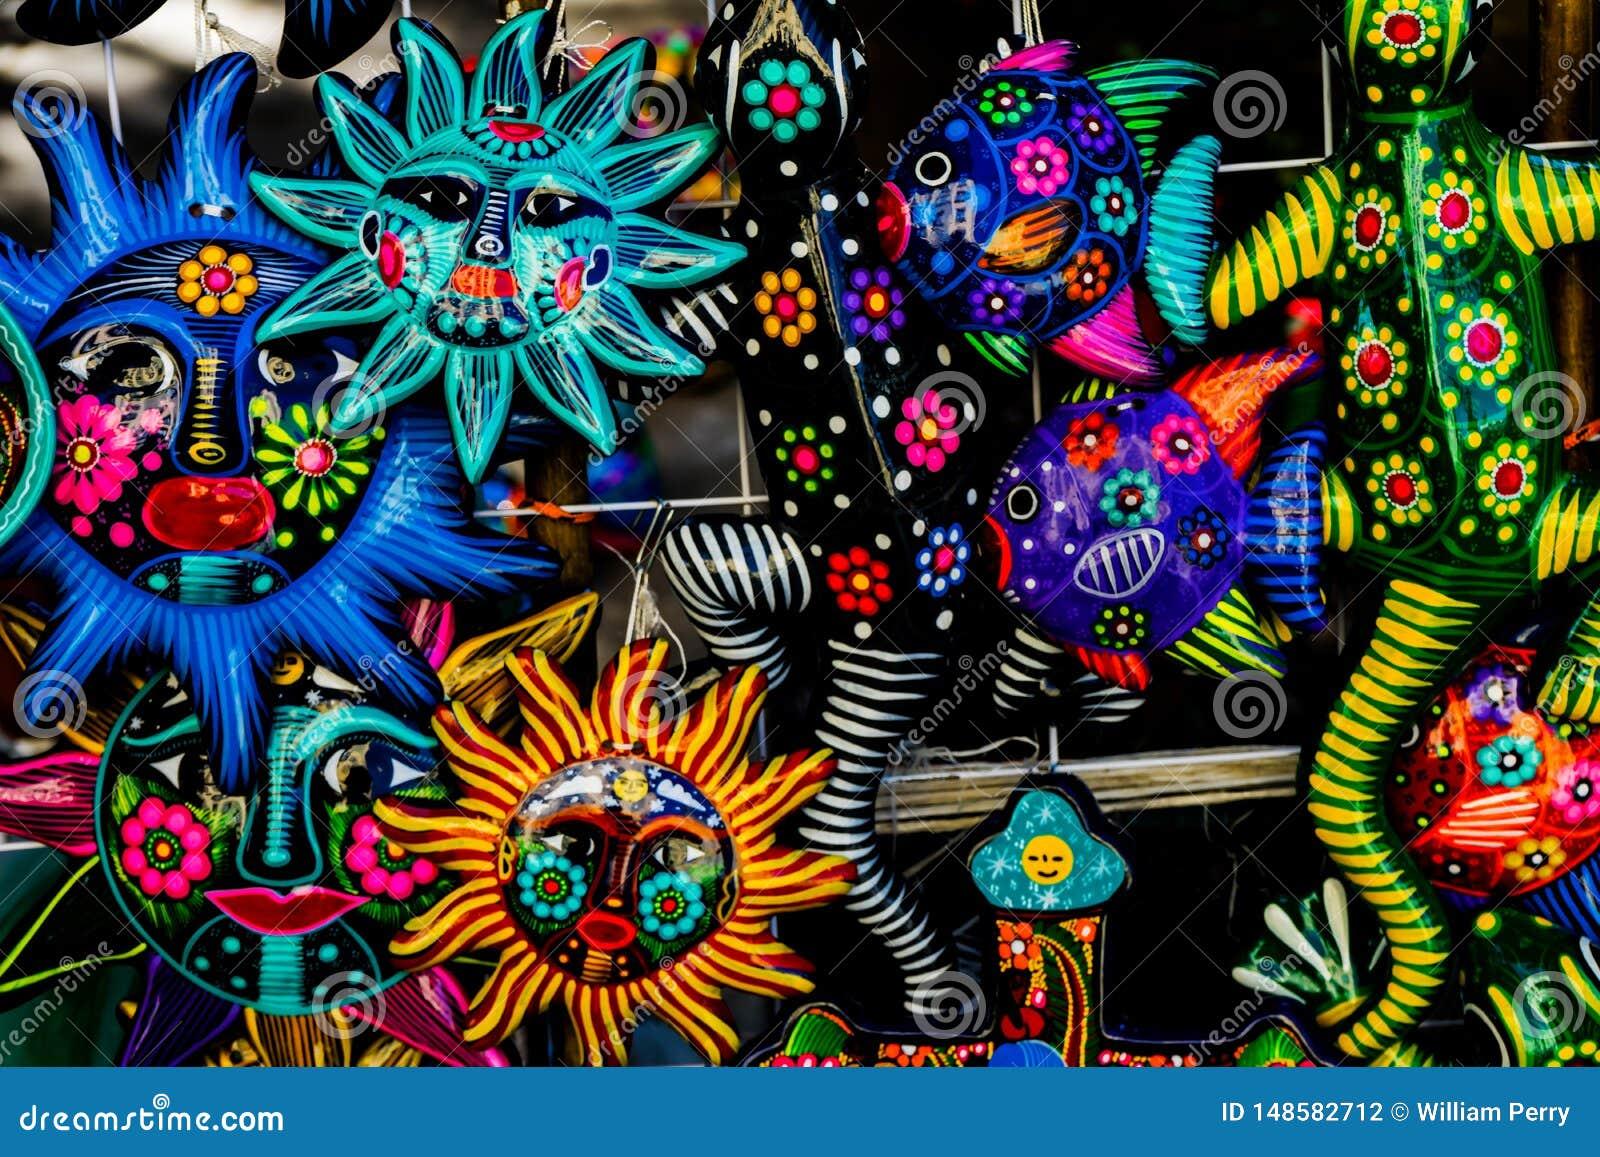 五颜六色的墨西哥陶瓷太阳面对工艺品瓦哈卡华雷斯墨西哥